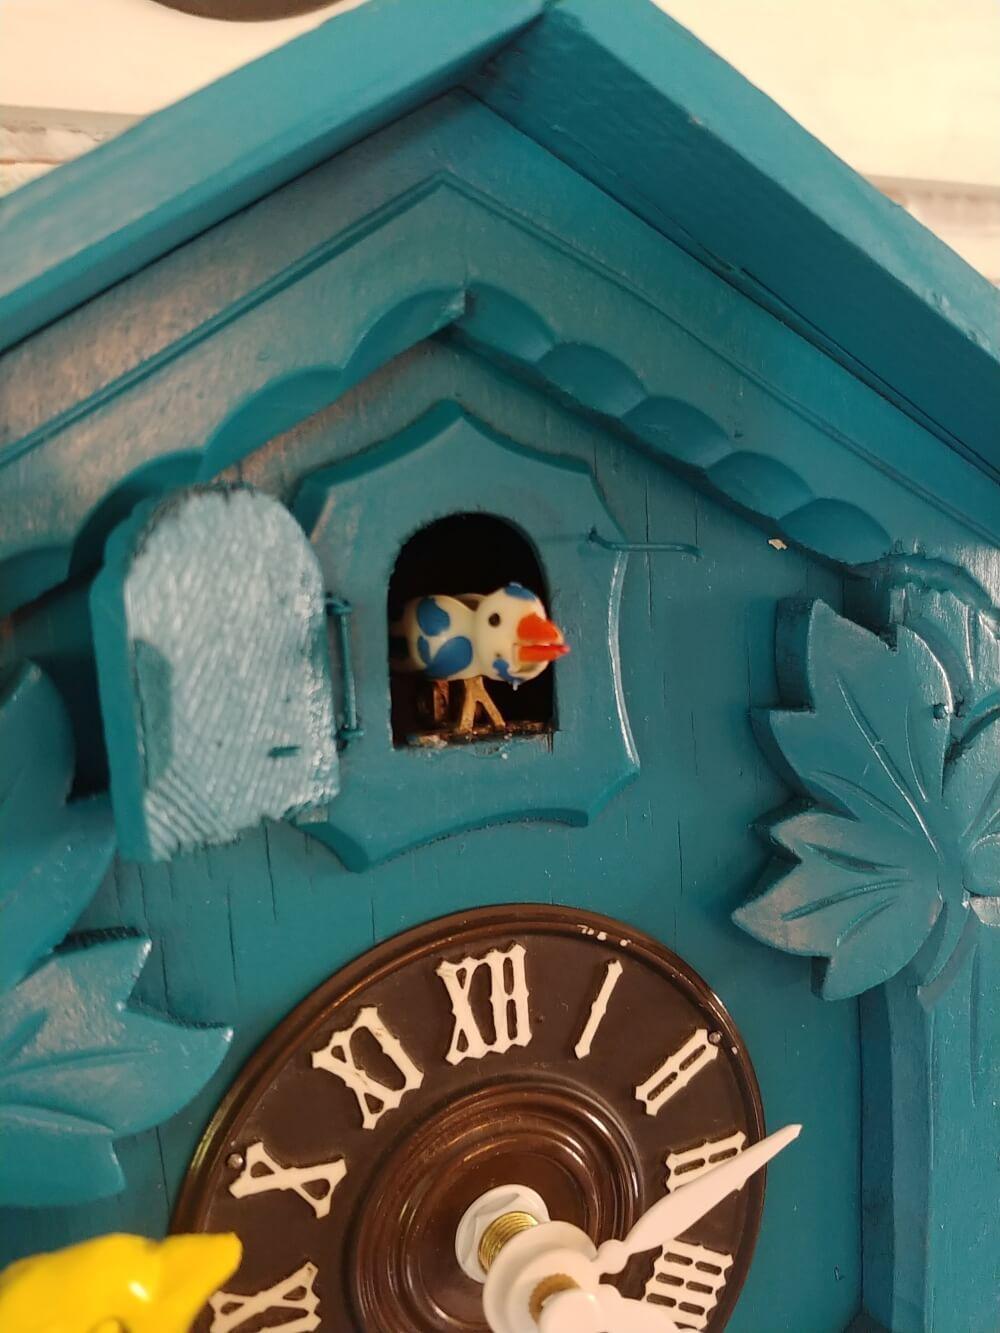 Upcycled Cuckoo Clock cuckoo bird